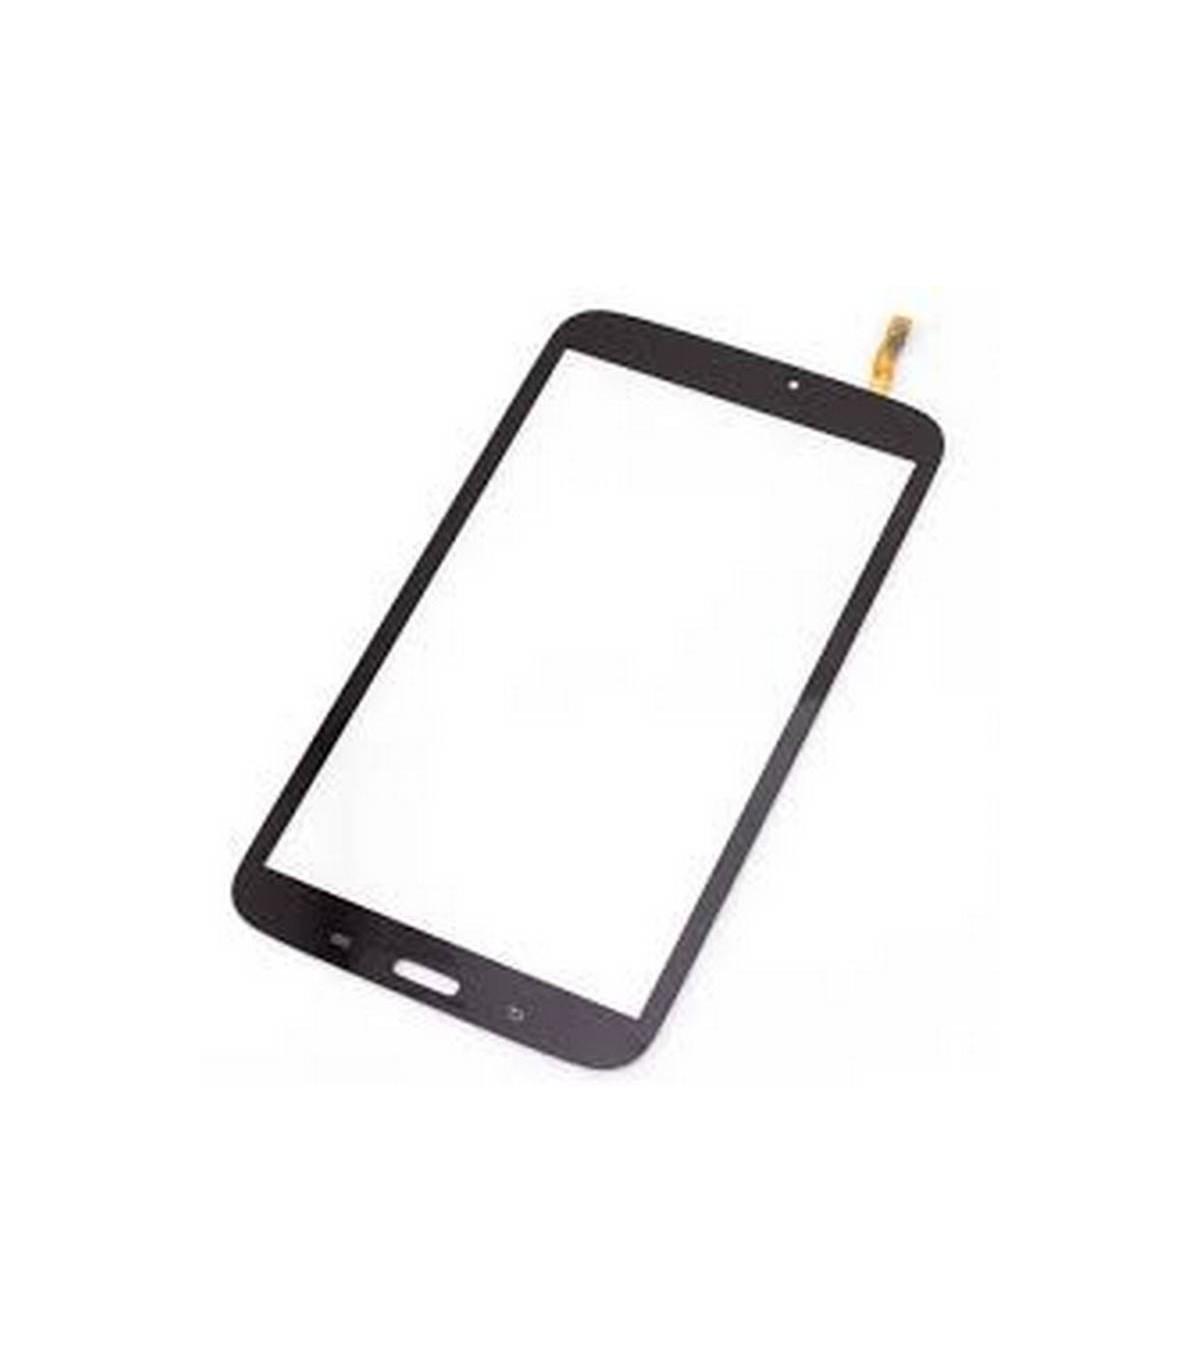 TACTIL Samsung Galaxy Tab 3 8.0 SM-T310 NEGRA